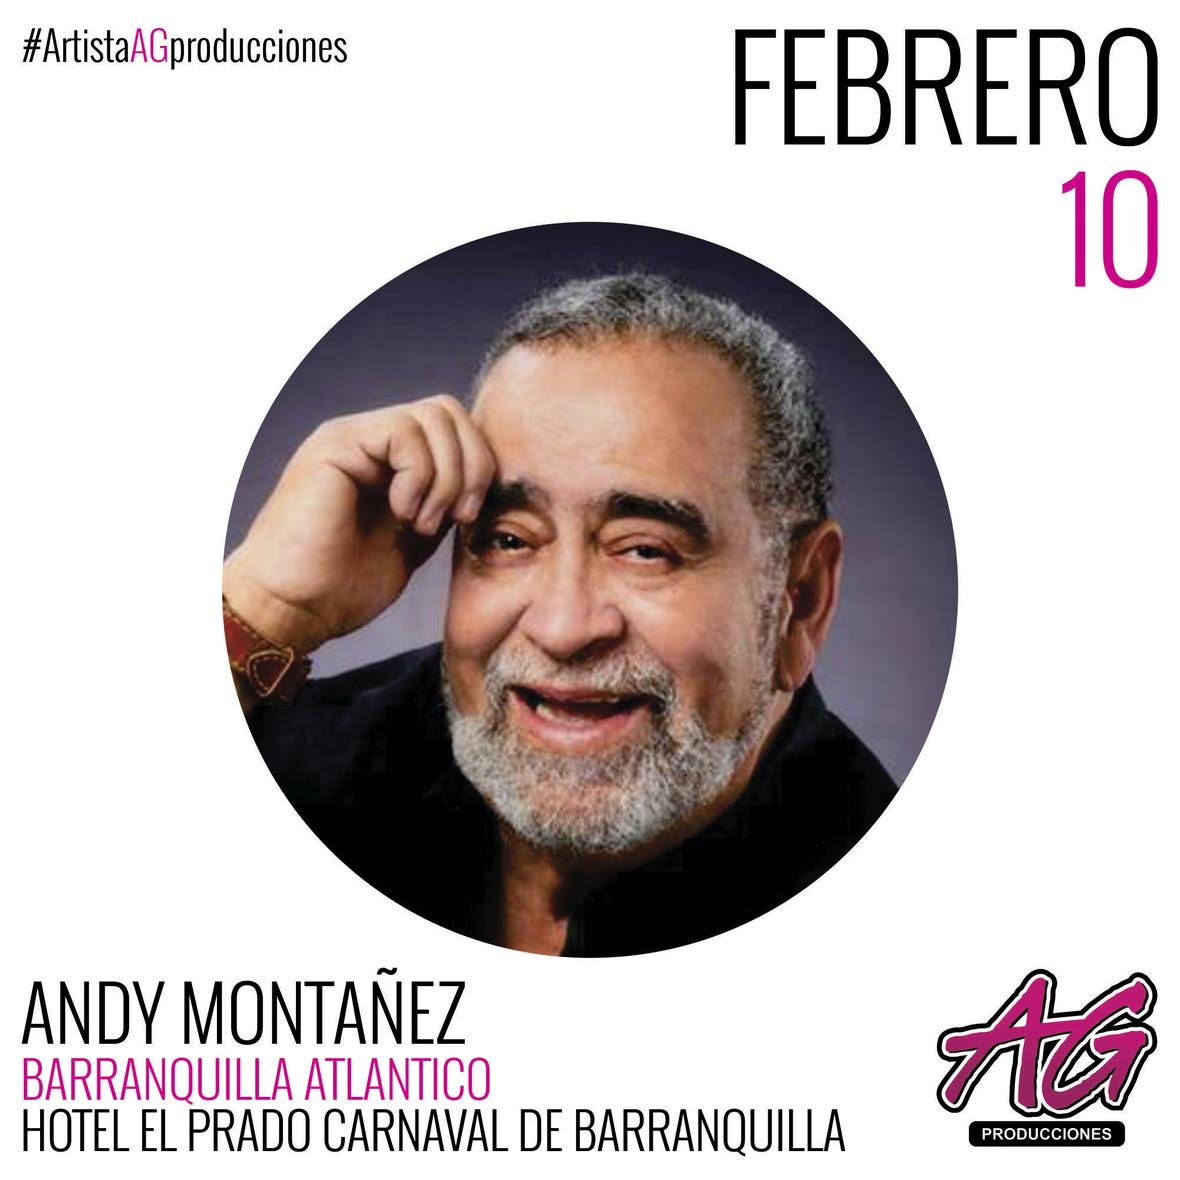 08 AG PRODUCCIONES - ANDY MONTANEZ FEBRERO 10